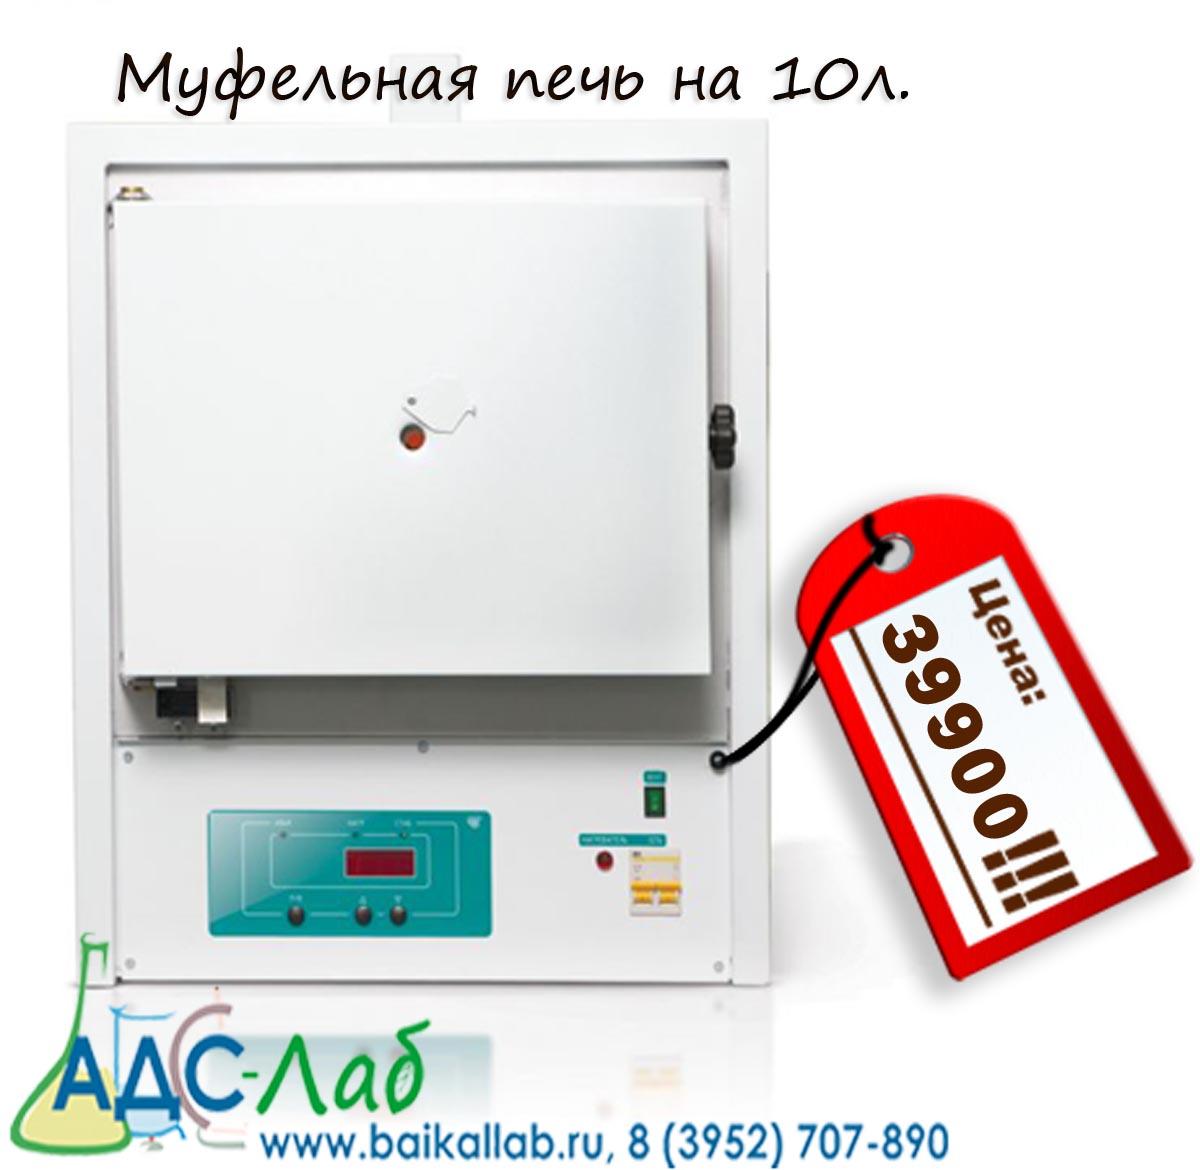 муфельная электропечь экпс 10 инструкция